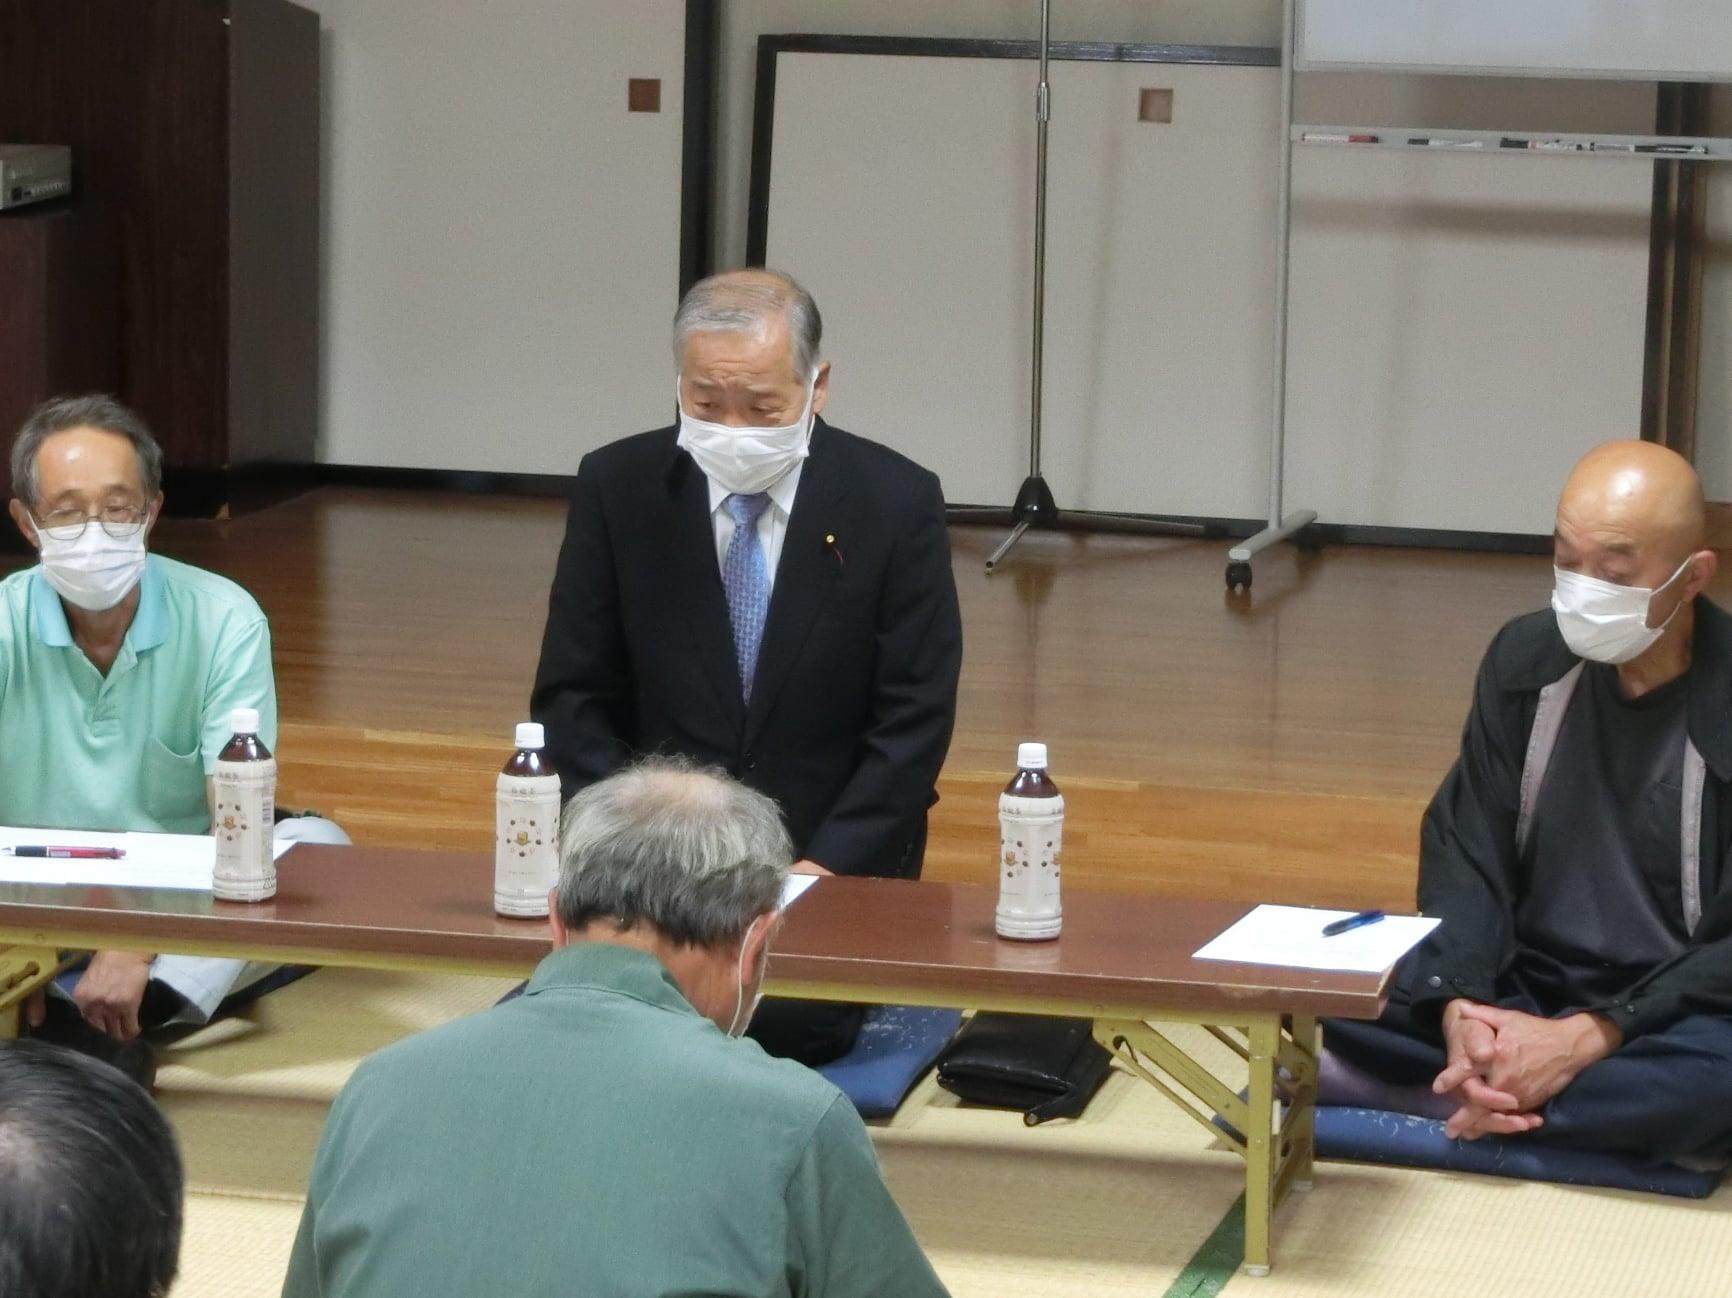 令和3年9月27日 山田地区水利組合との農業基盤等改良のための懇談会に出席しました。